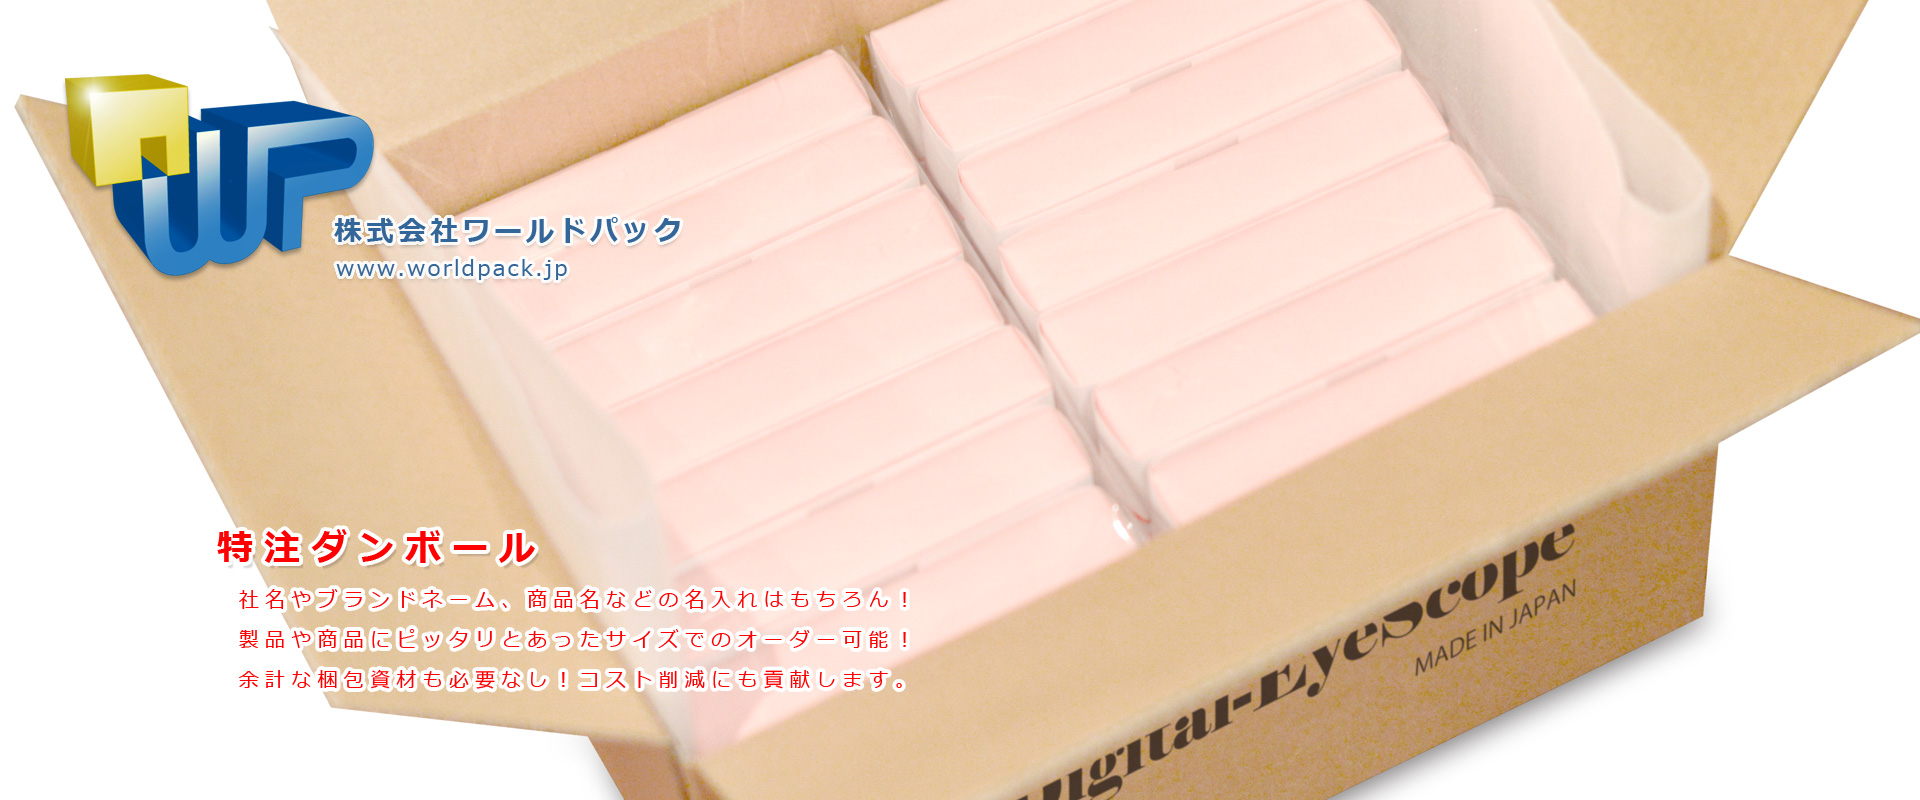 特注ダンボール、別注ダンボール 株式会社ワールドパック 東京、神奈川、埼玉、千葉、茨城、群馬、栃木